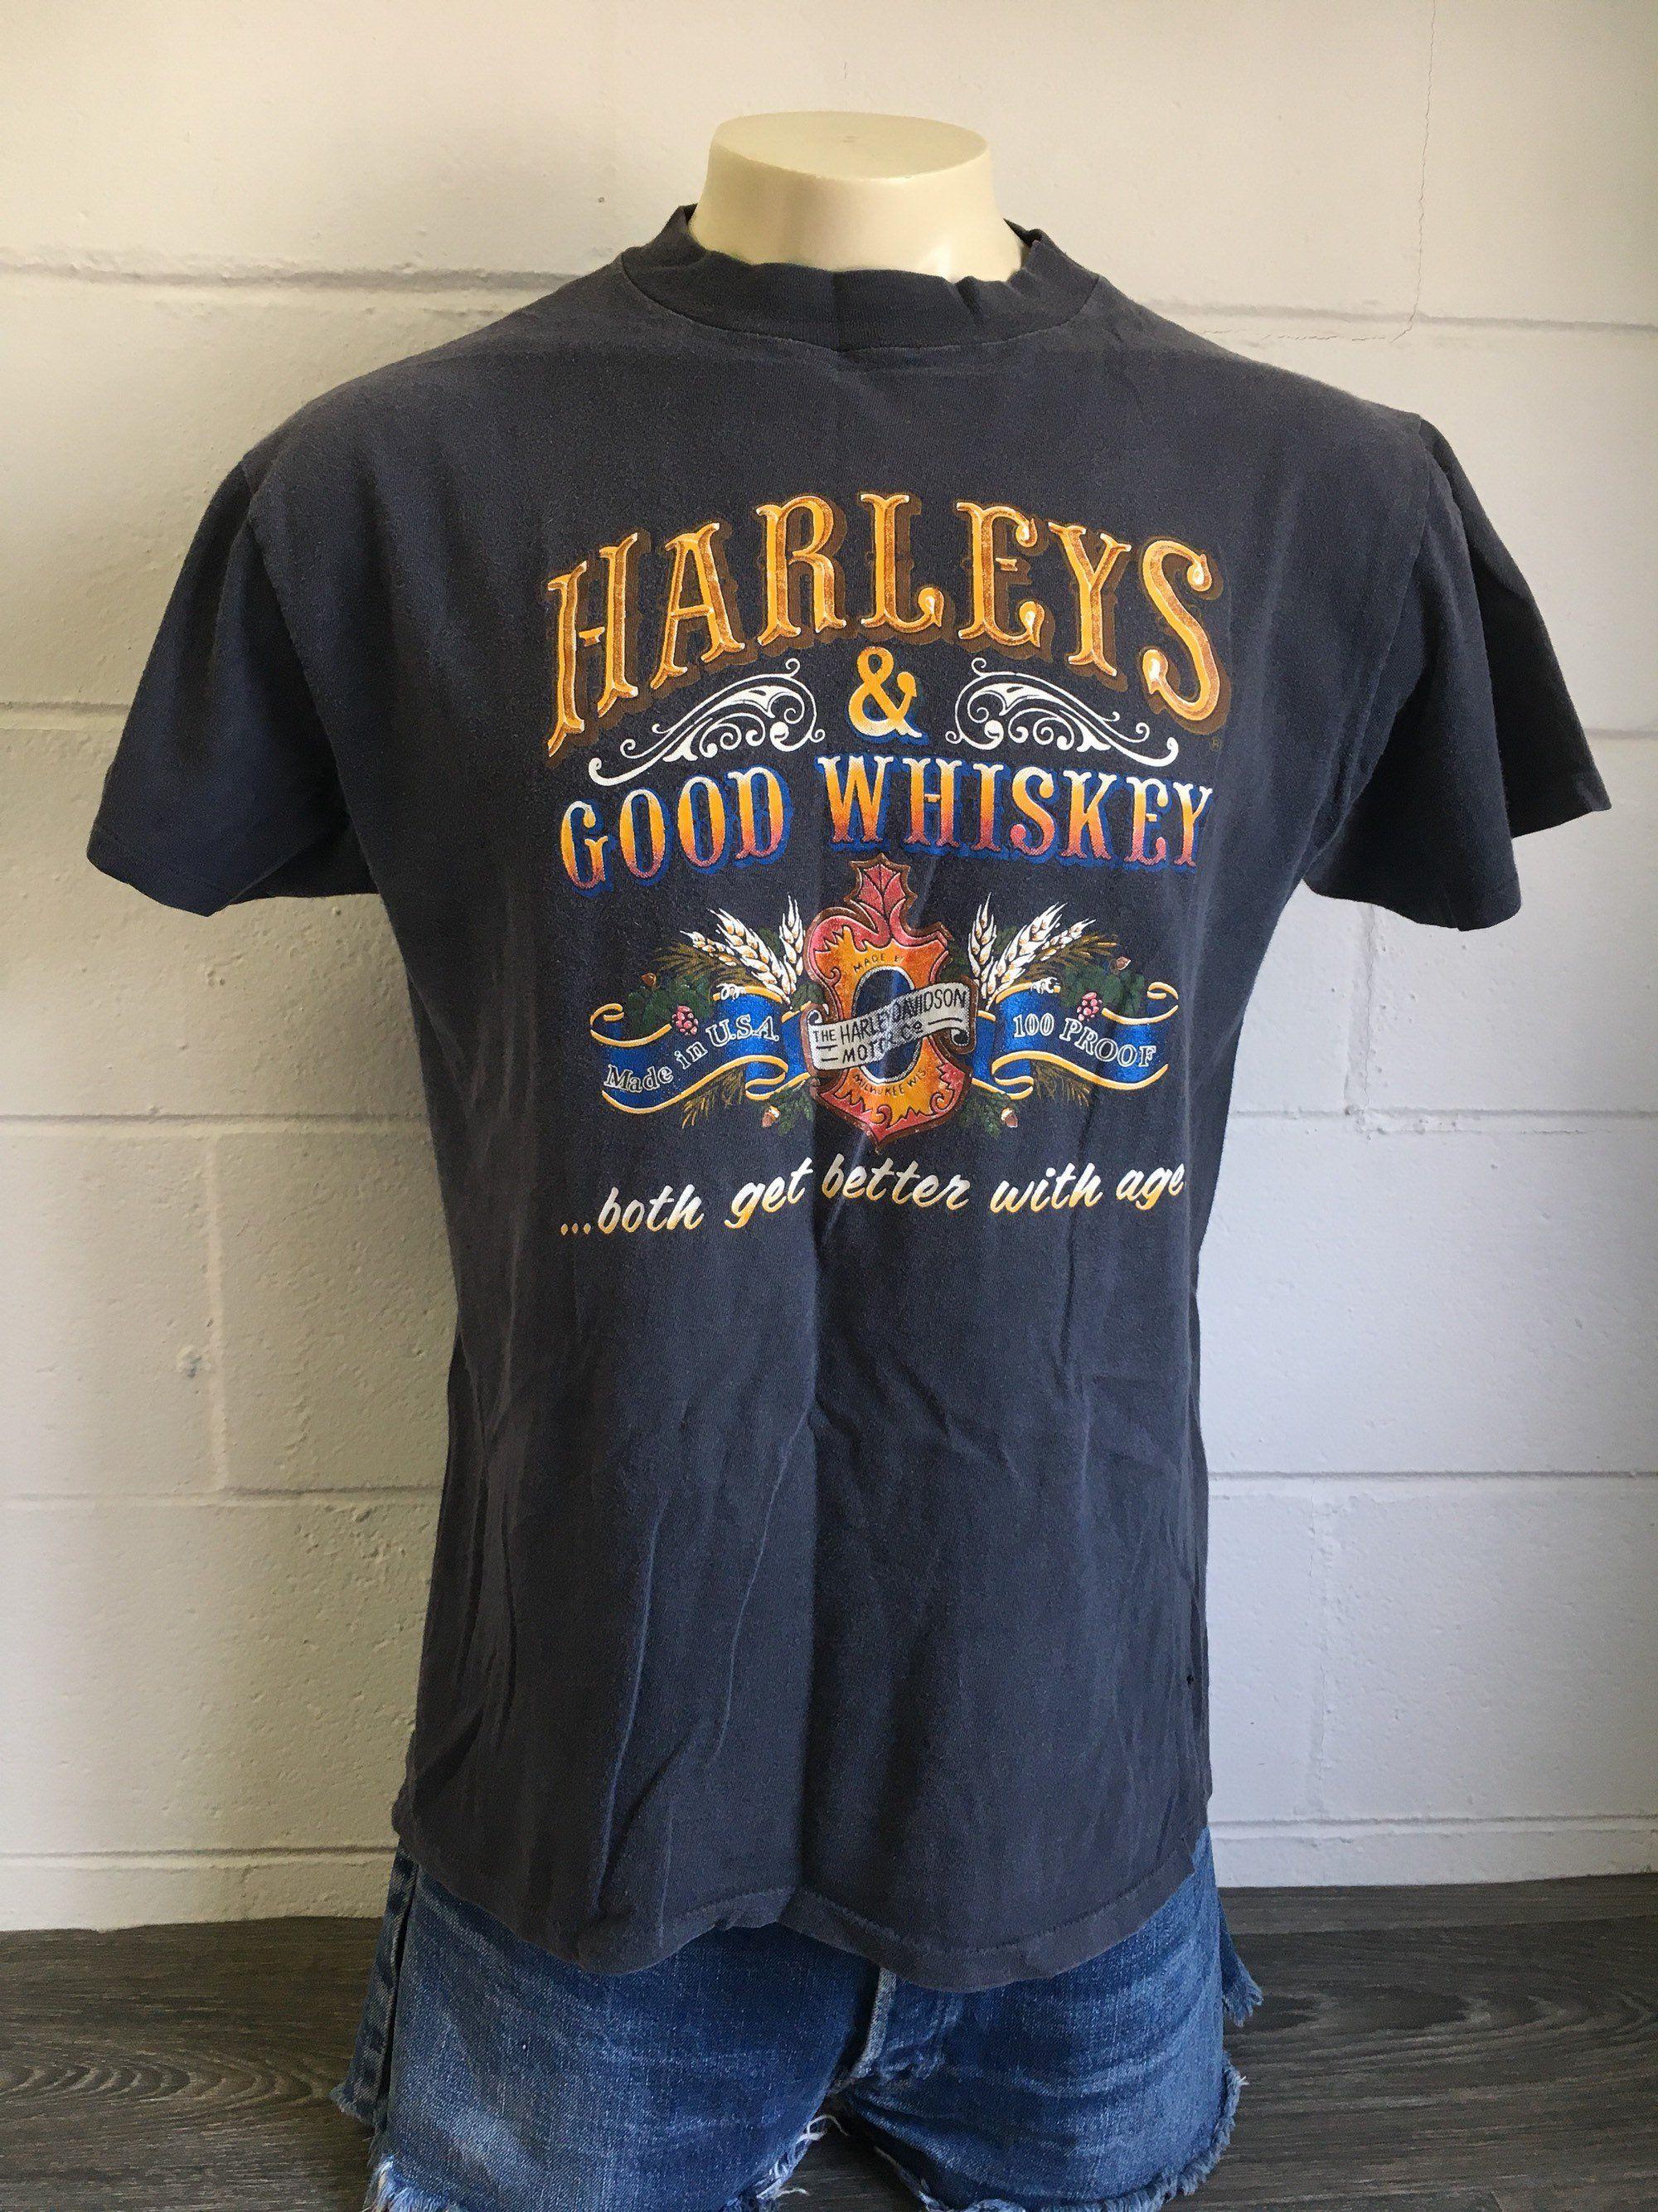 Vintage Harley Shirt 80 S Harley Davidson 3d Emblem Harley Shirts Vintage Harley Harley Davidson T Shirts